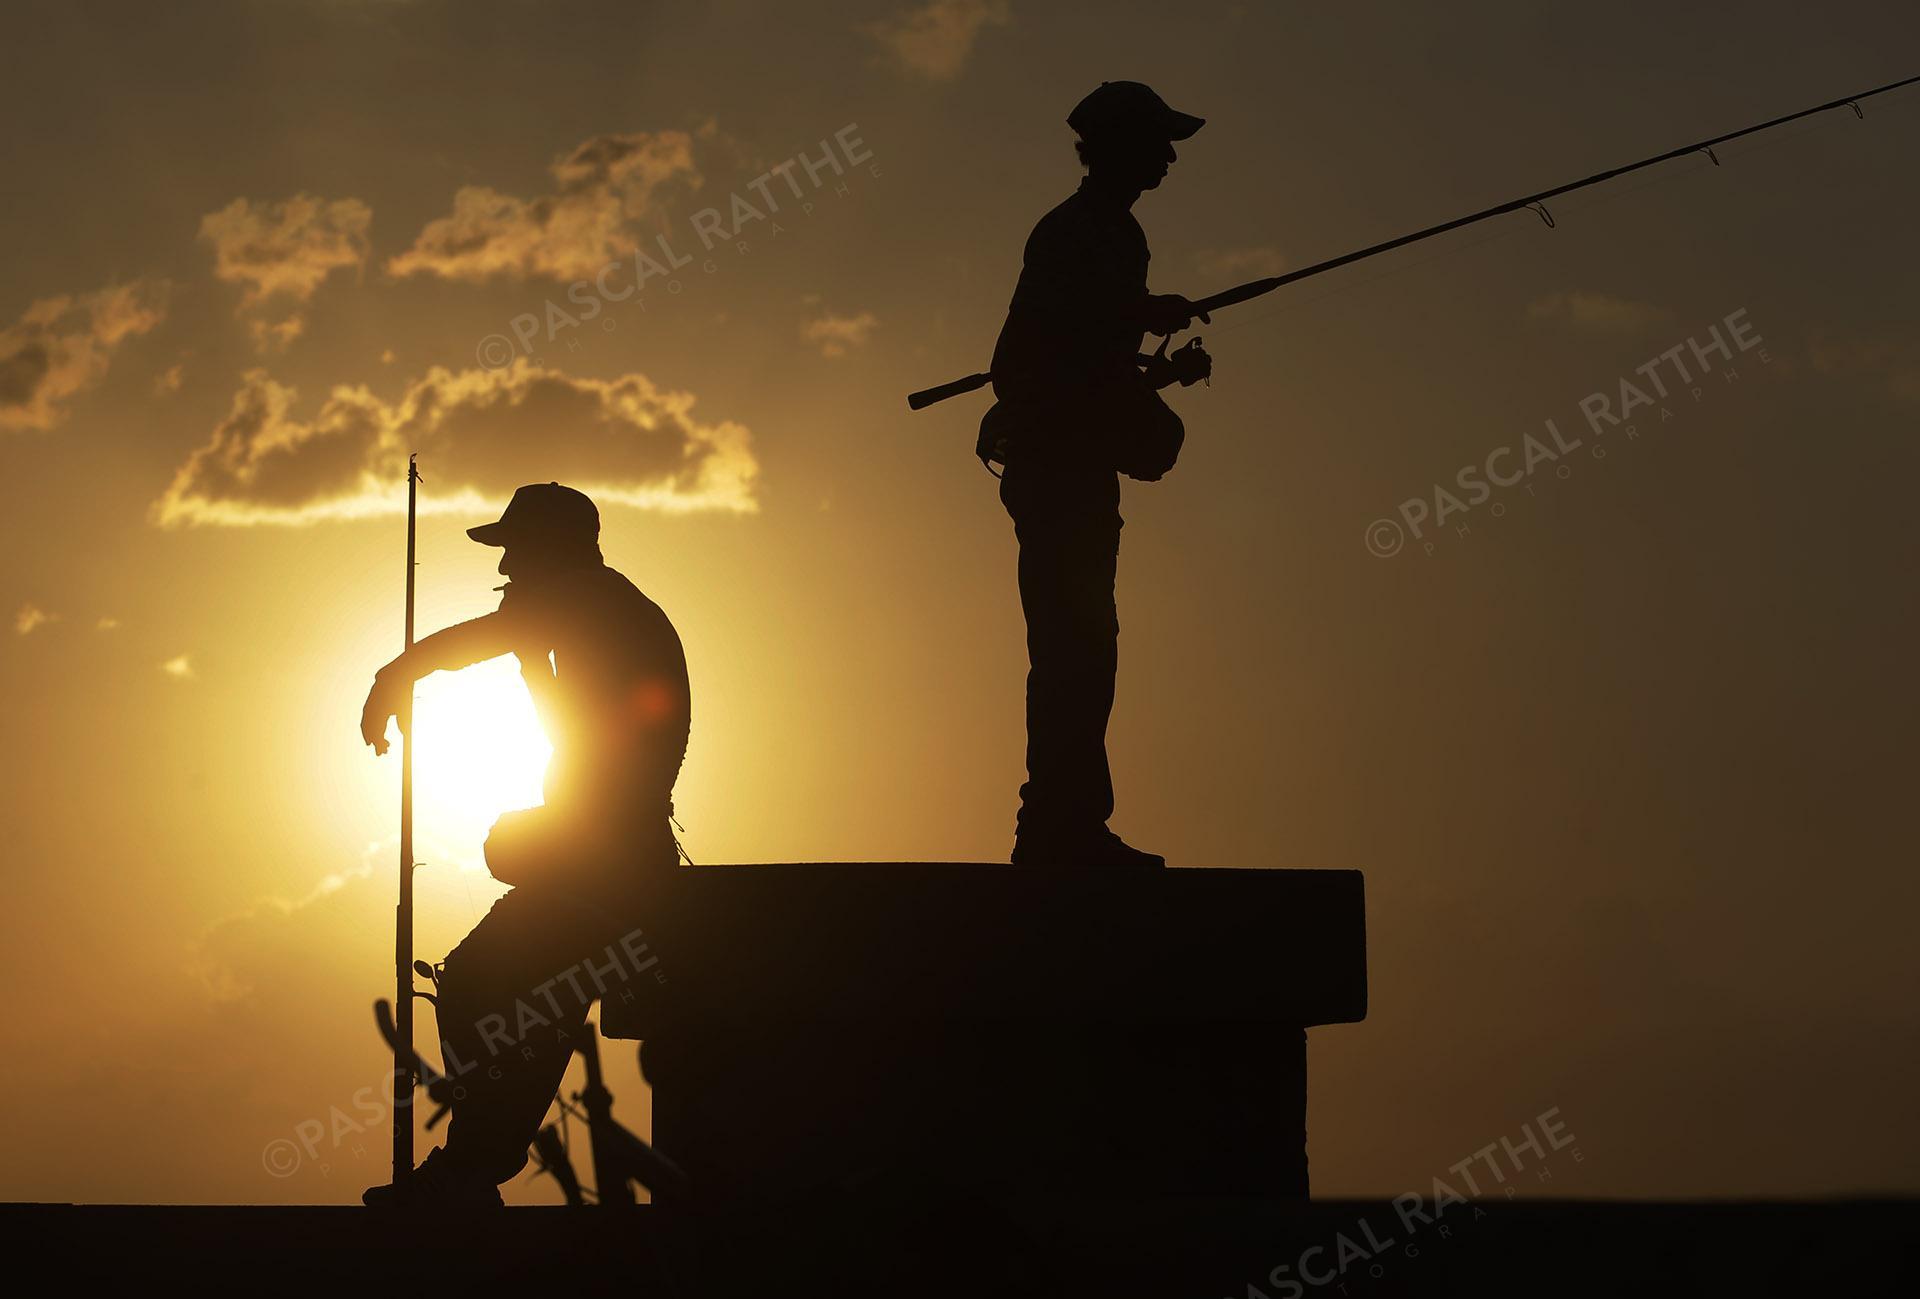 couché de soleil à la havane, Cuba avec des pêcheurs